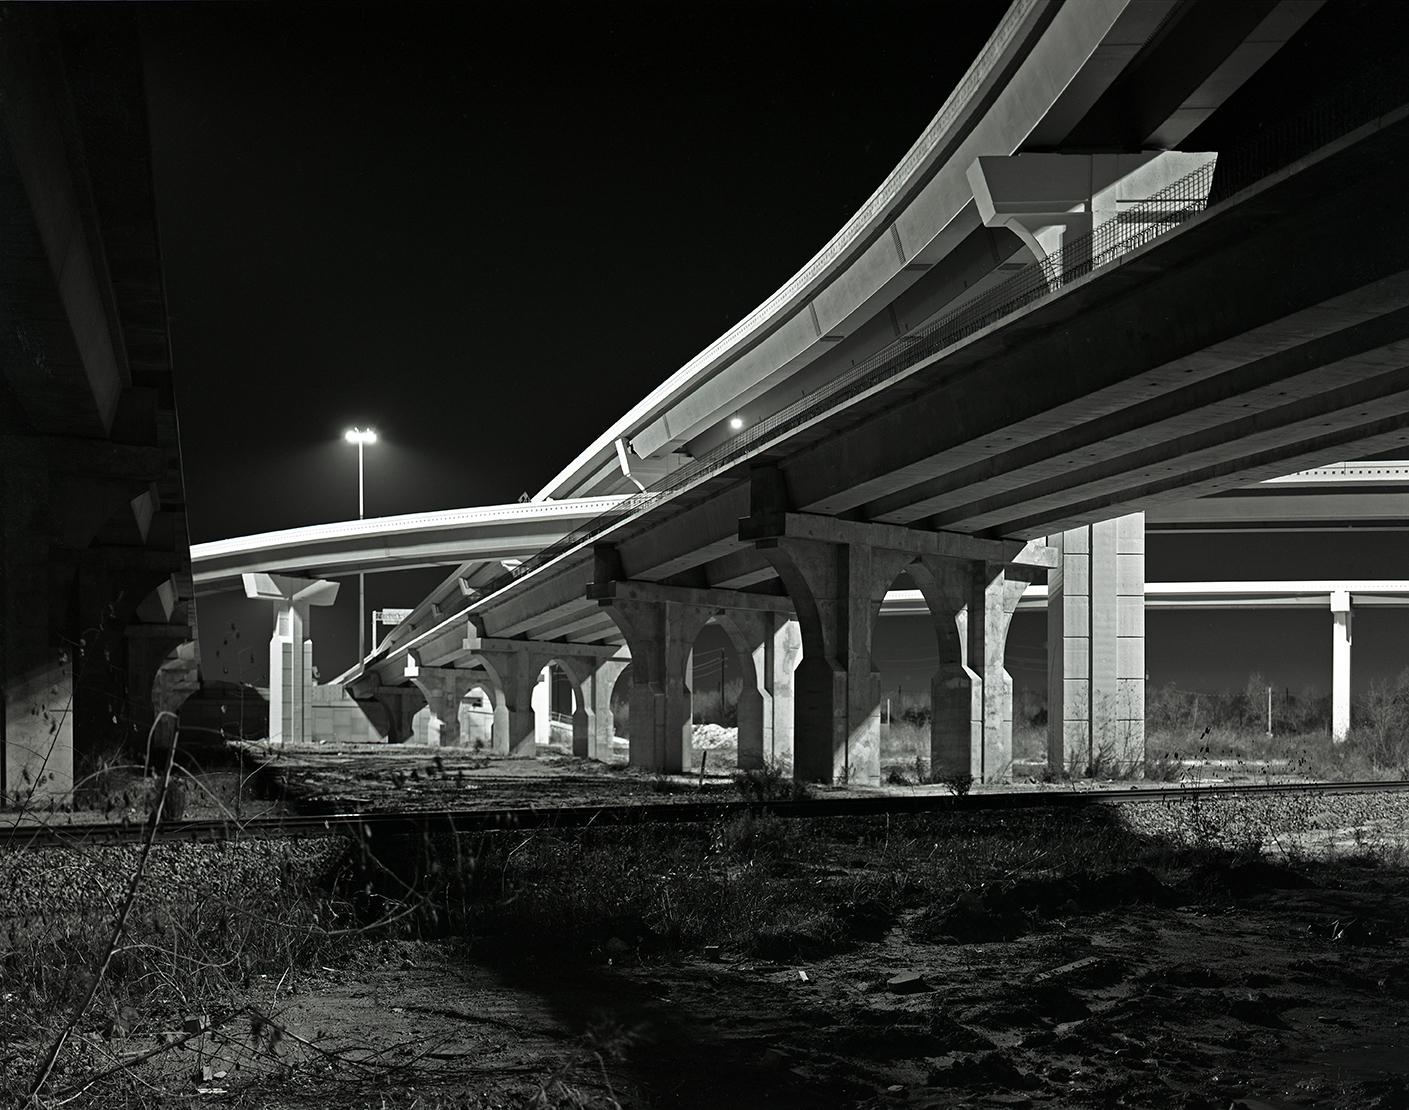 highway1-copy-copy.jpg